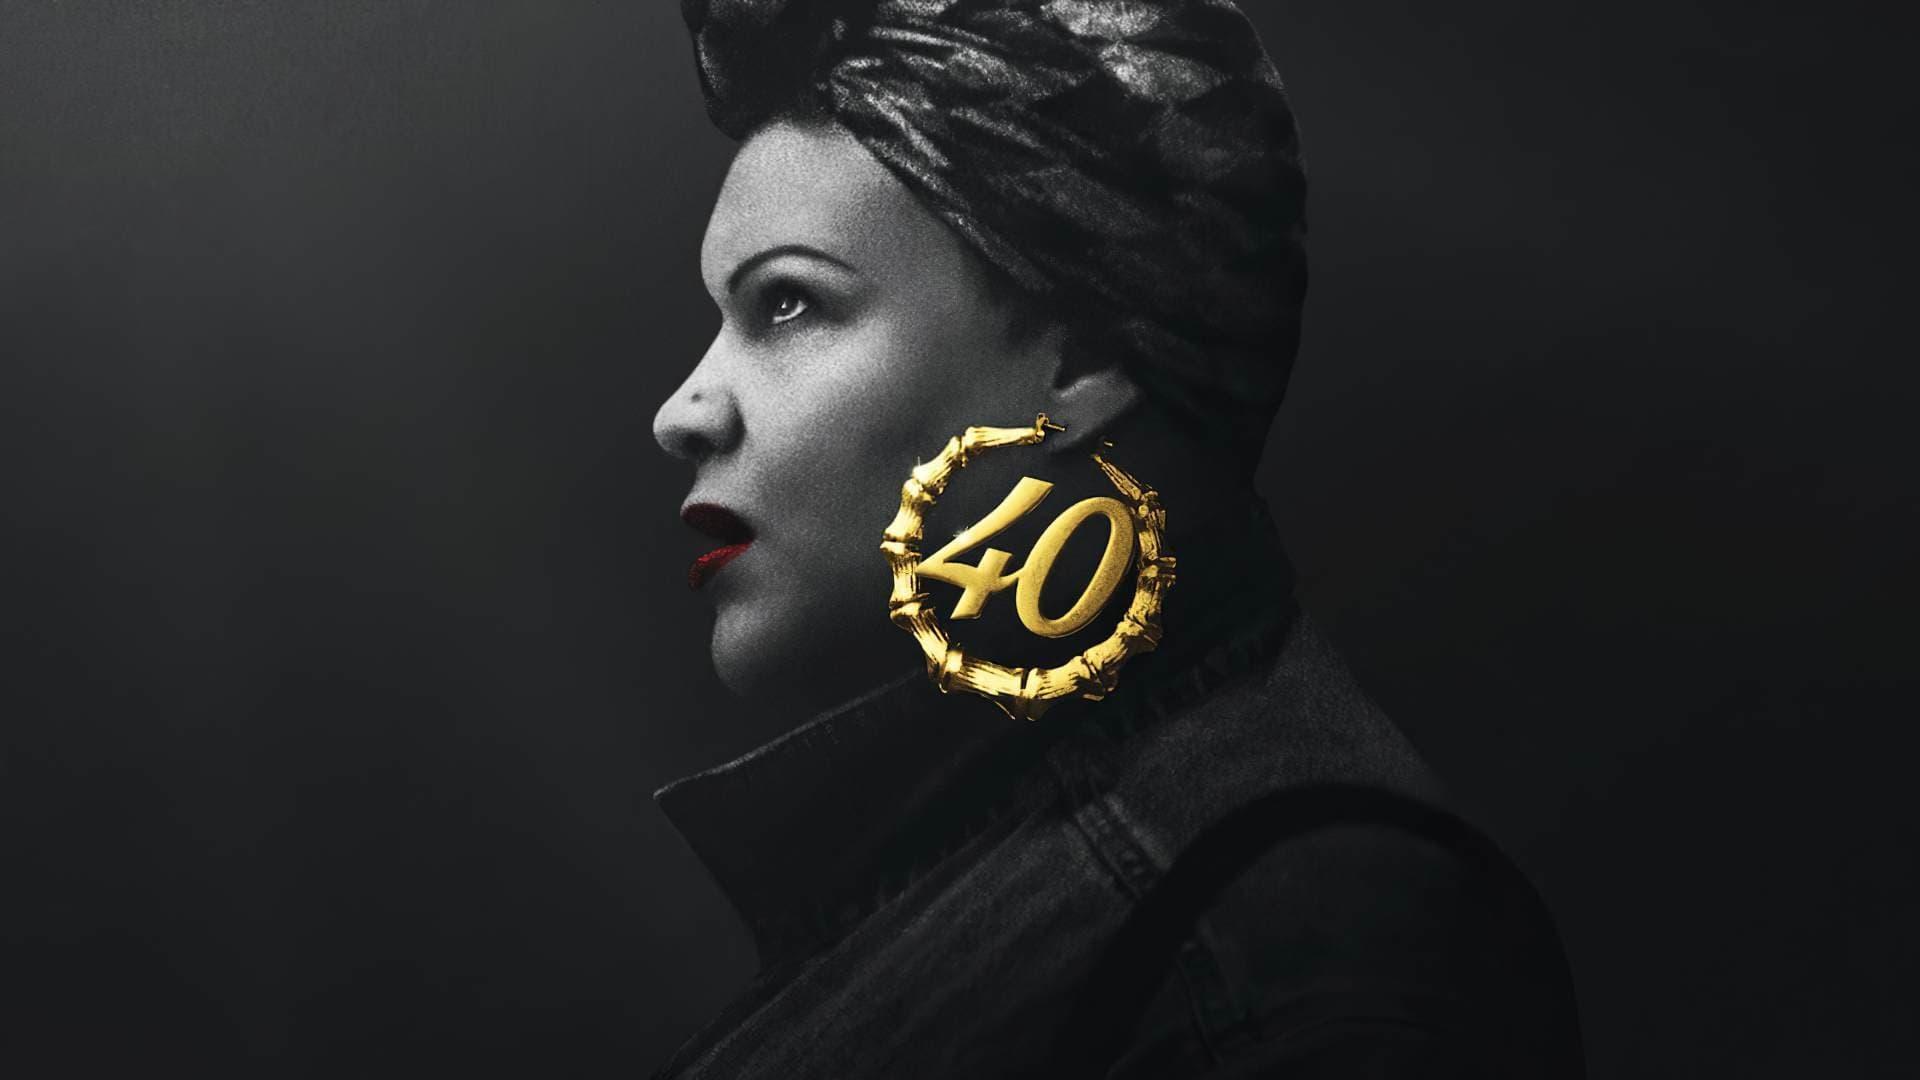 Rapera a los 40